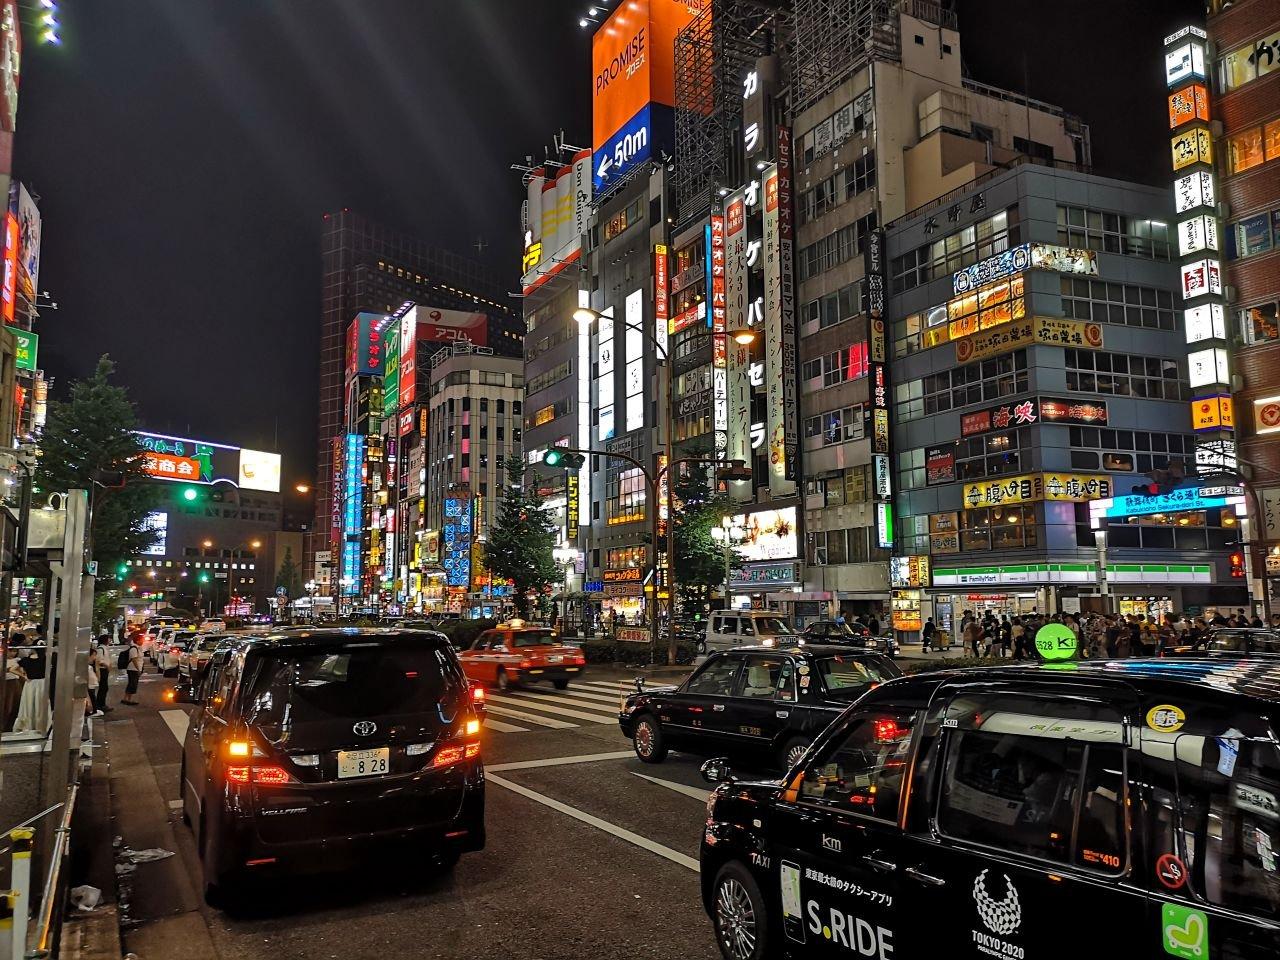 Ward: Shinjuku